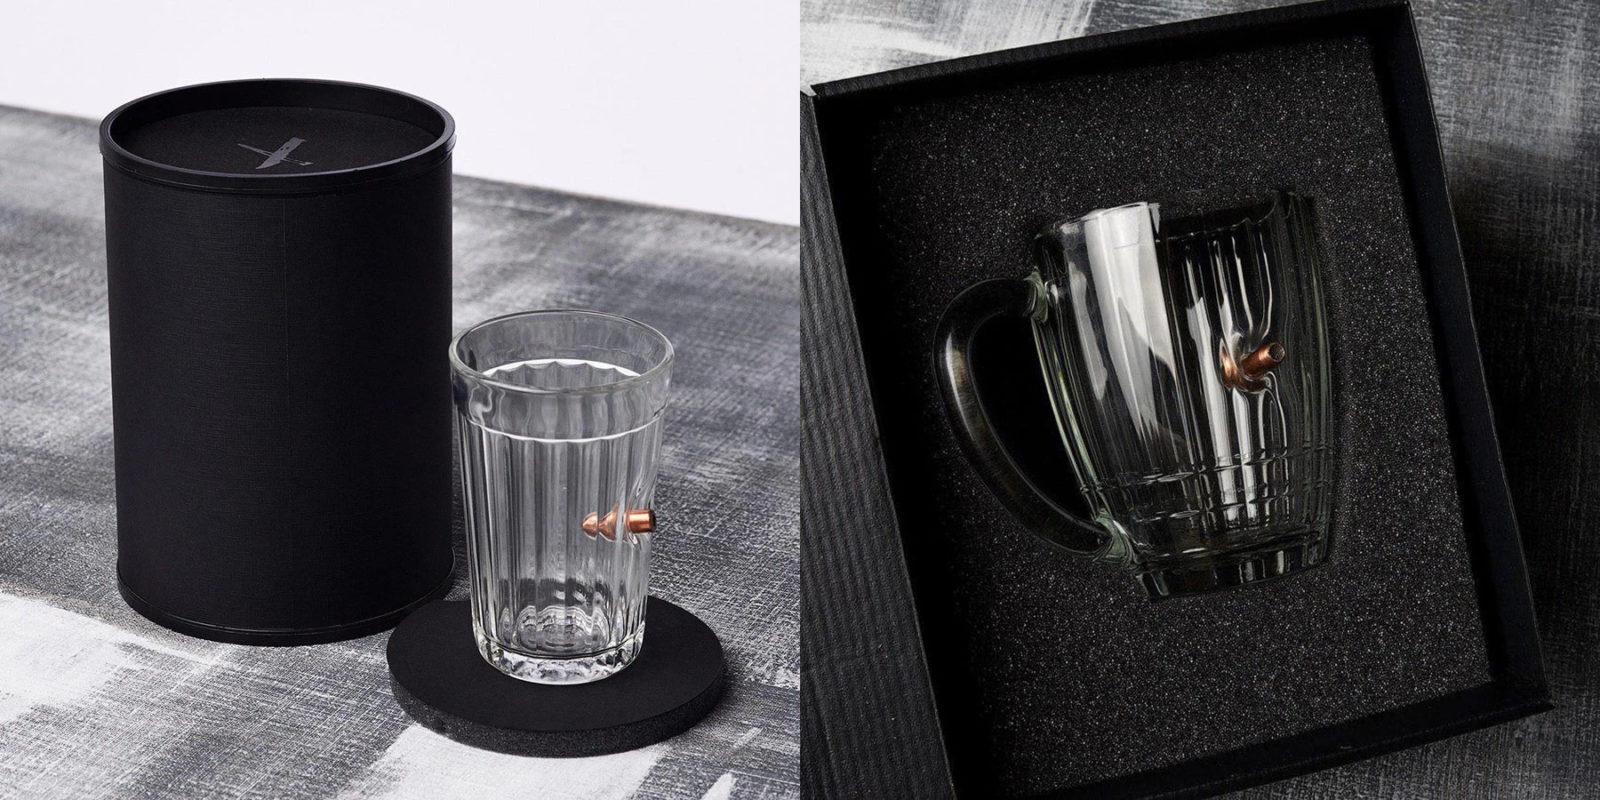 Подарки к застолью, которыми вы всех удивите. Бокалы и стаканы с пулями и серебряными гвоздями